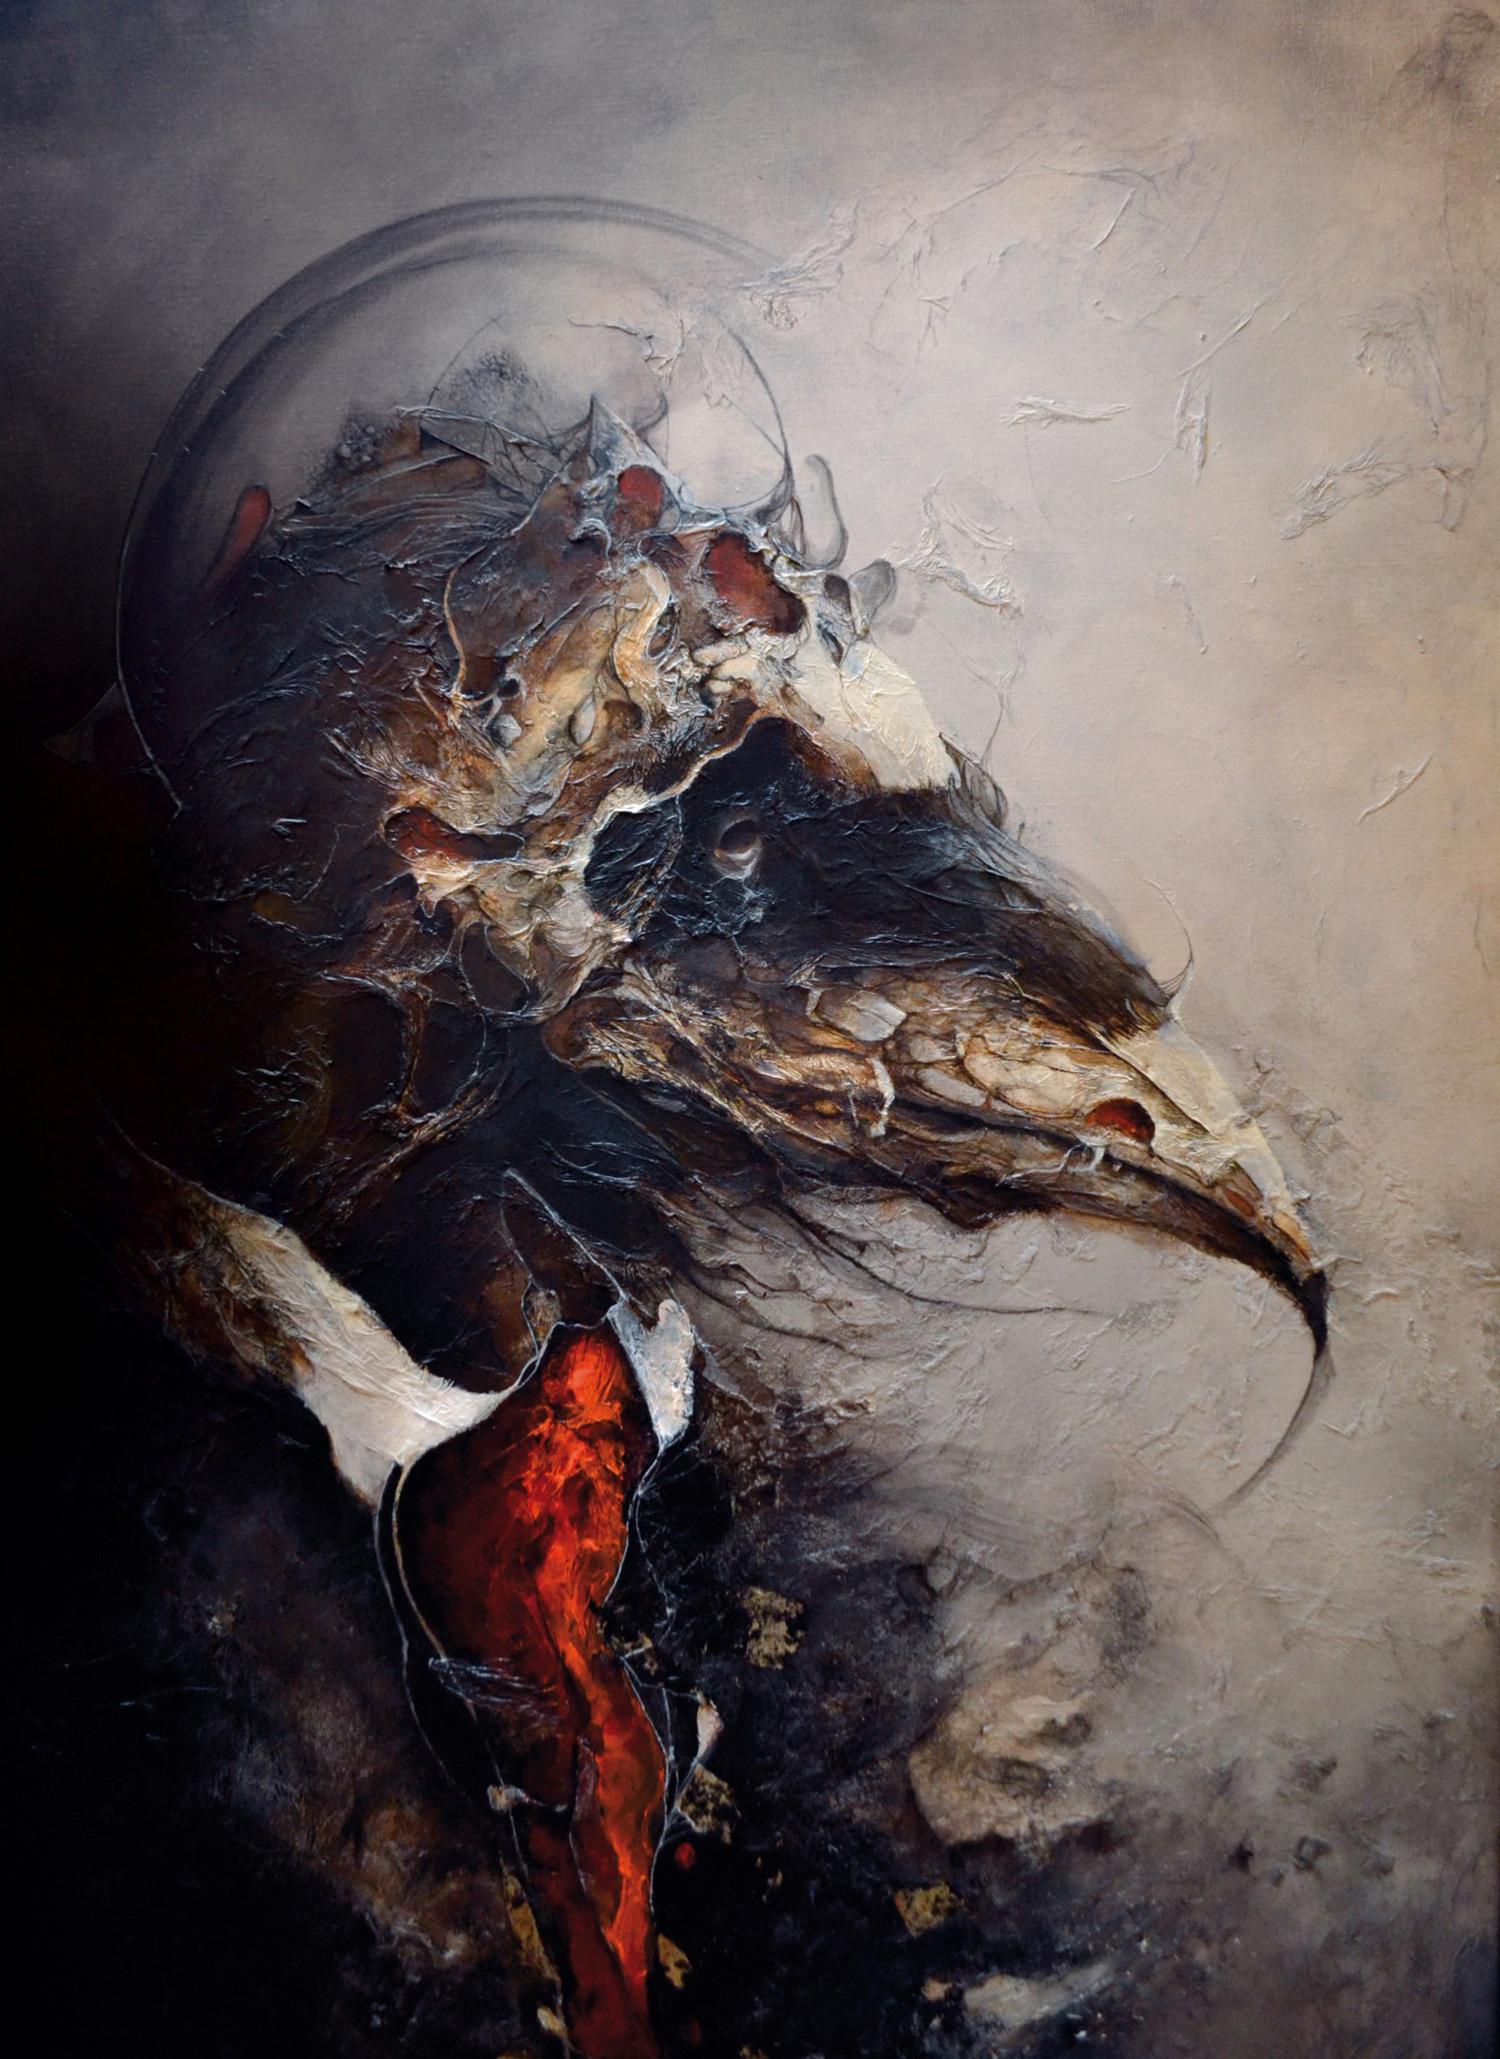 Eric Lacombe - bird-headed man